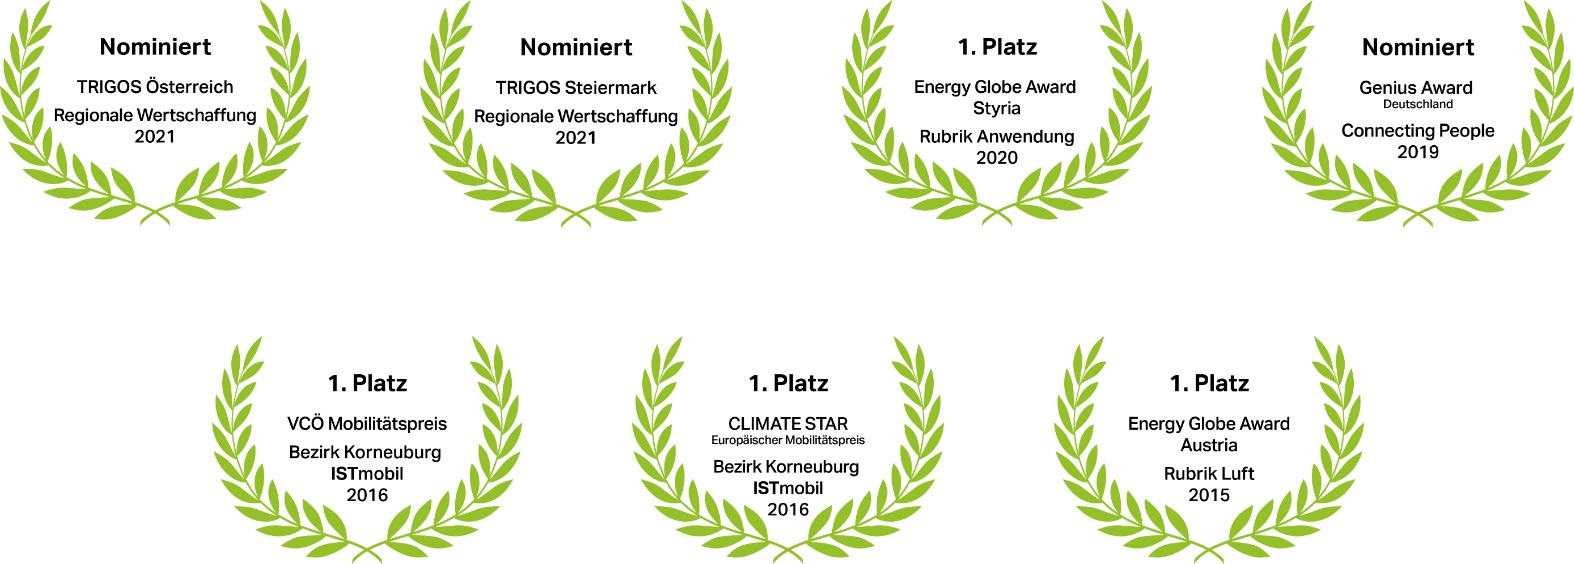 Auszeichnungen von ISTmobil